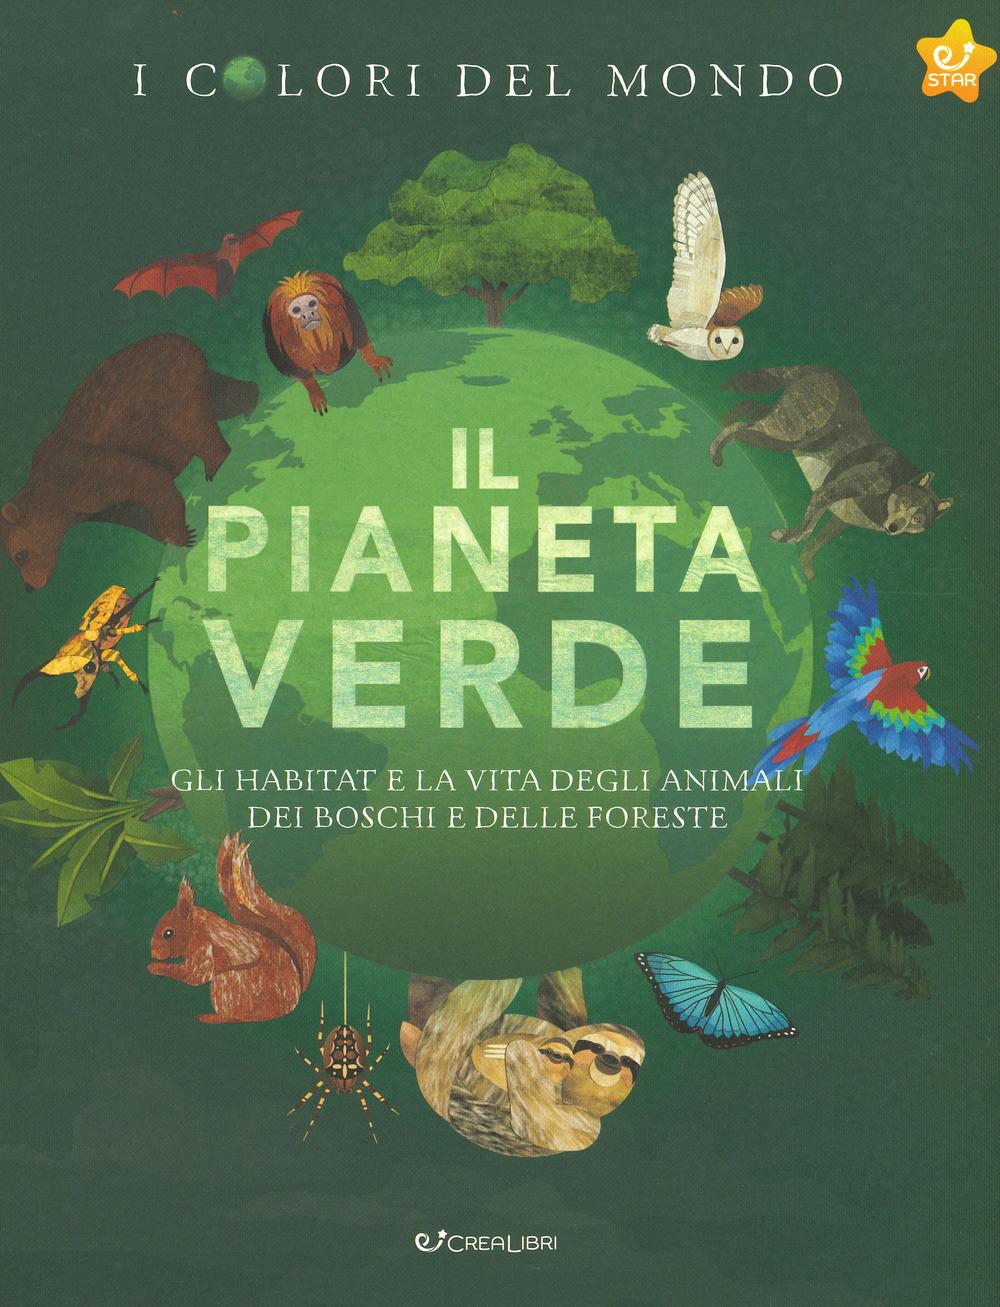 Il pianeta verde. Gli habitat e la vita degli animali dei boschi e delle foreste. I colori del mondo